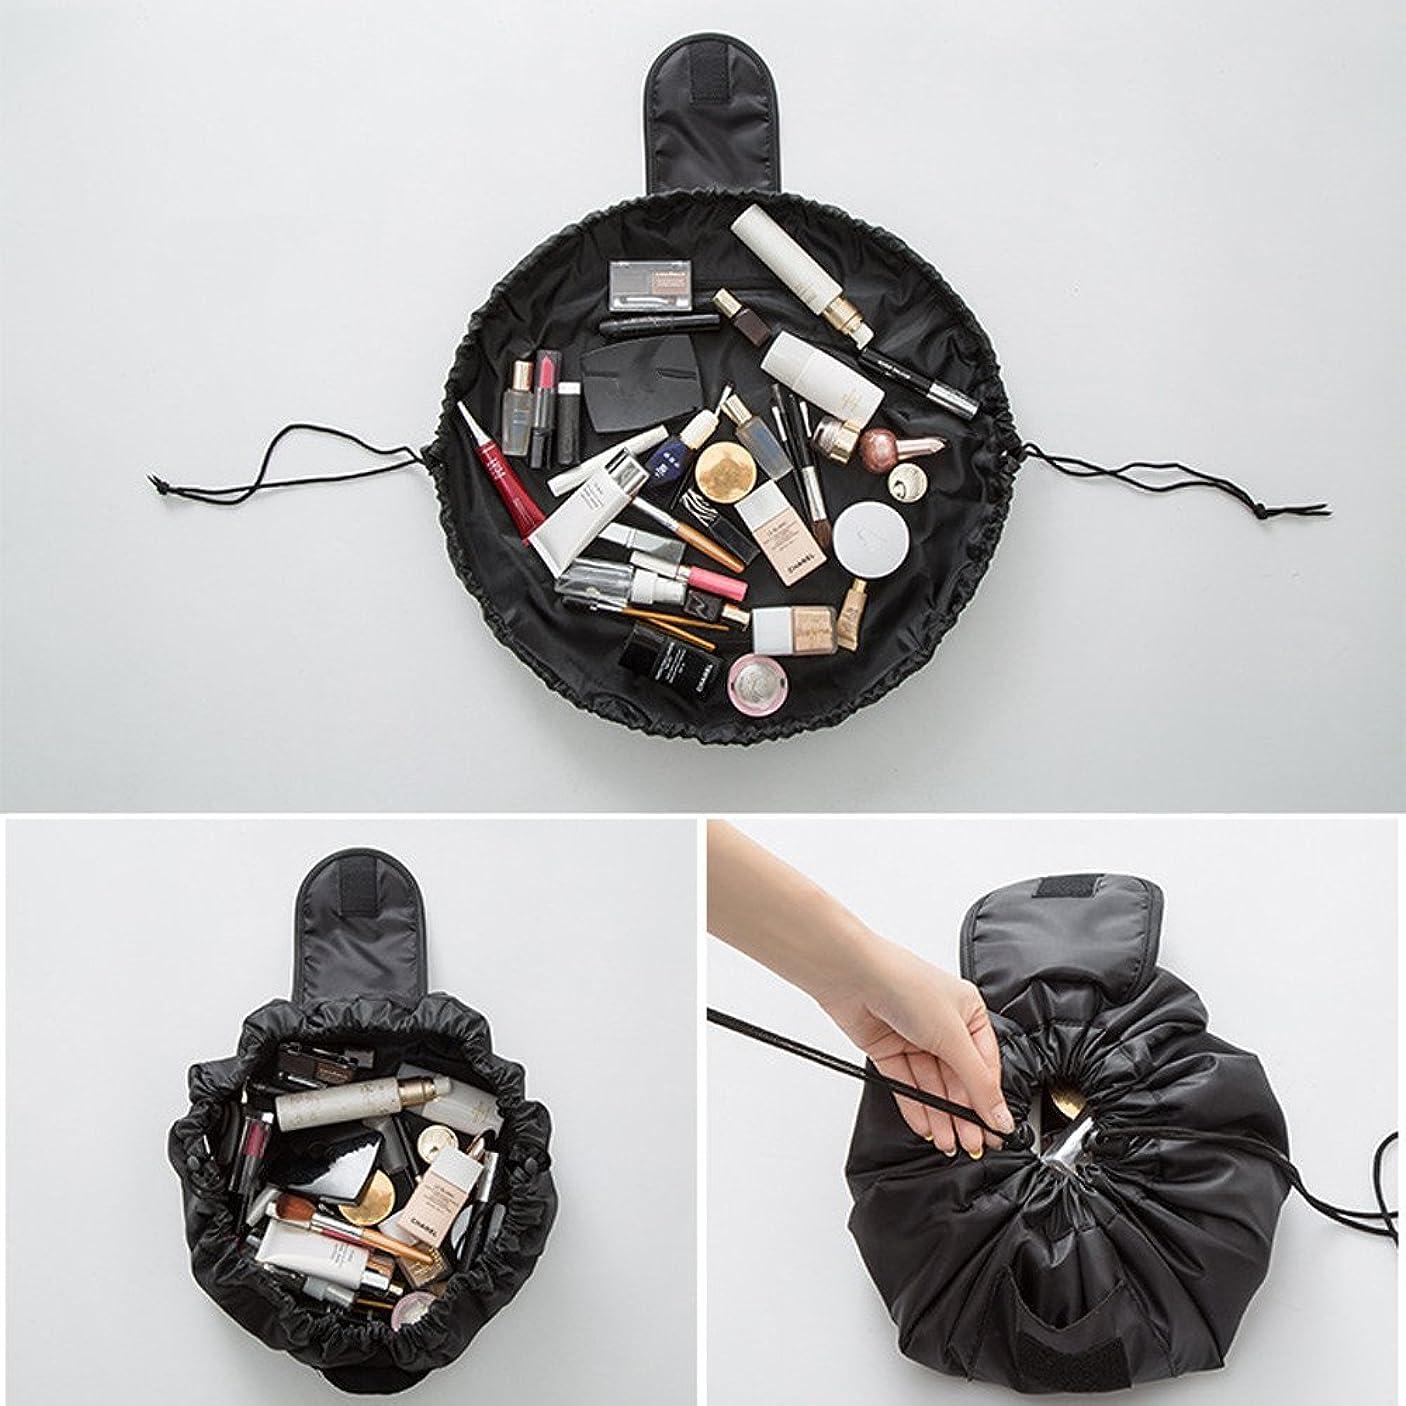 感動する突破口アーチ旅行メイクバッグ YOKINO 旅行化粧バッグ メイク収納バッグ 化粧ポーチ 大容量 巾着 マジックふろしきポーチ 風